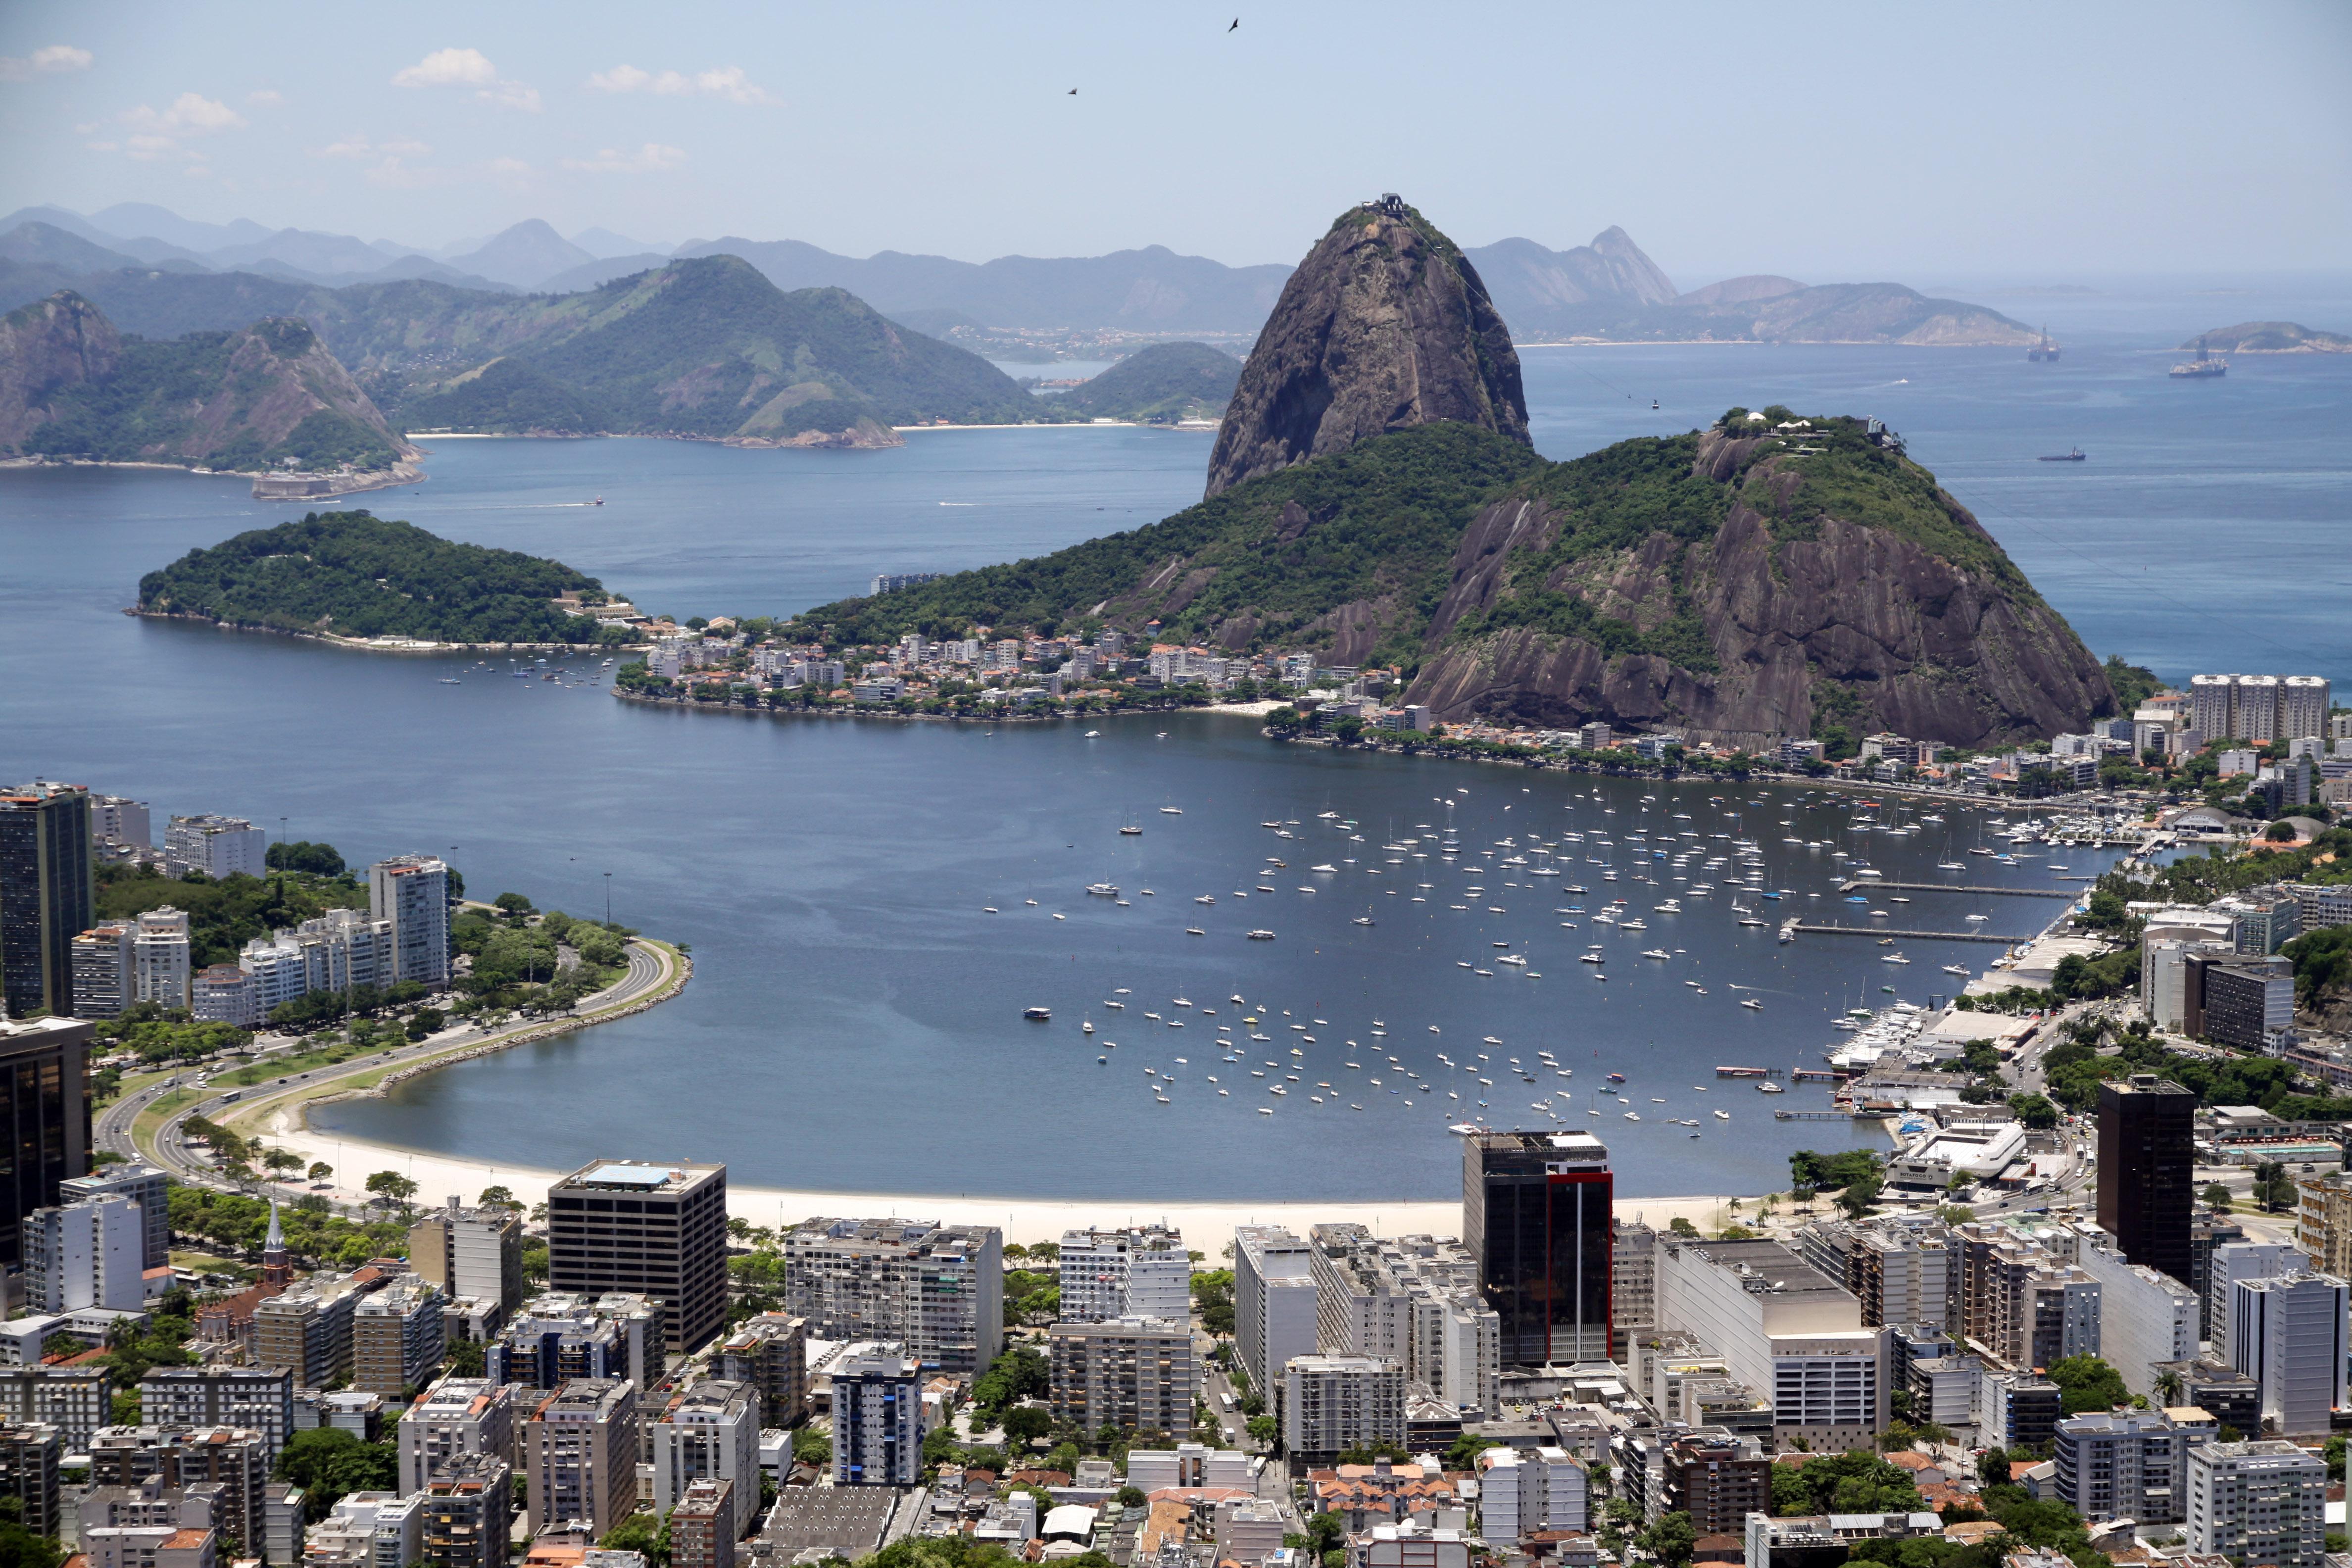 Enseada de Botafogo e vista do Pão de Açúcar (Halley de Oliveira, CC BY 3.0)